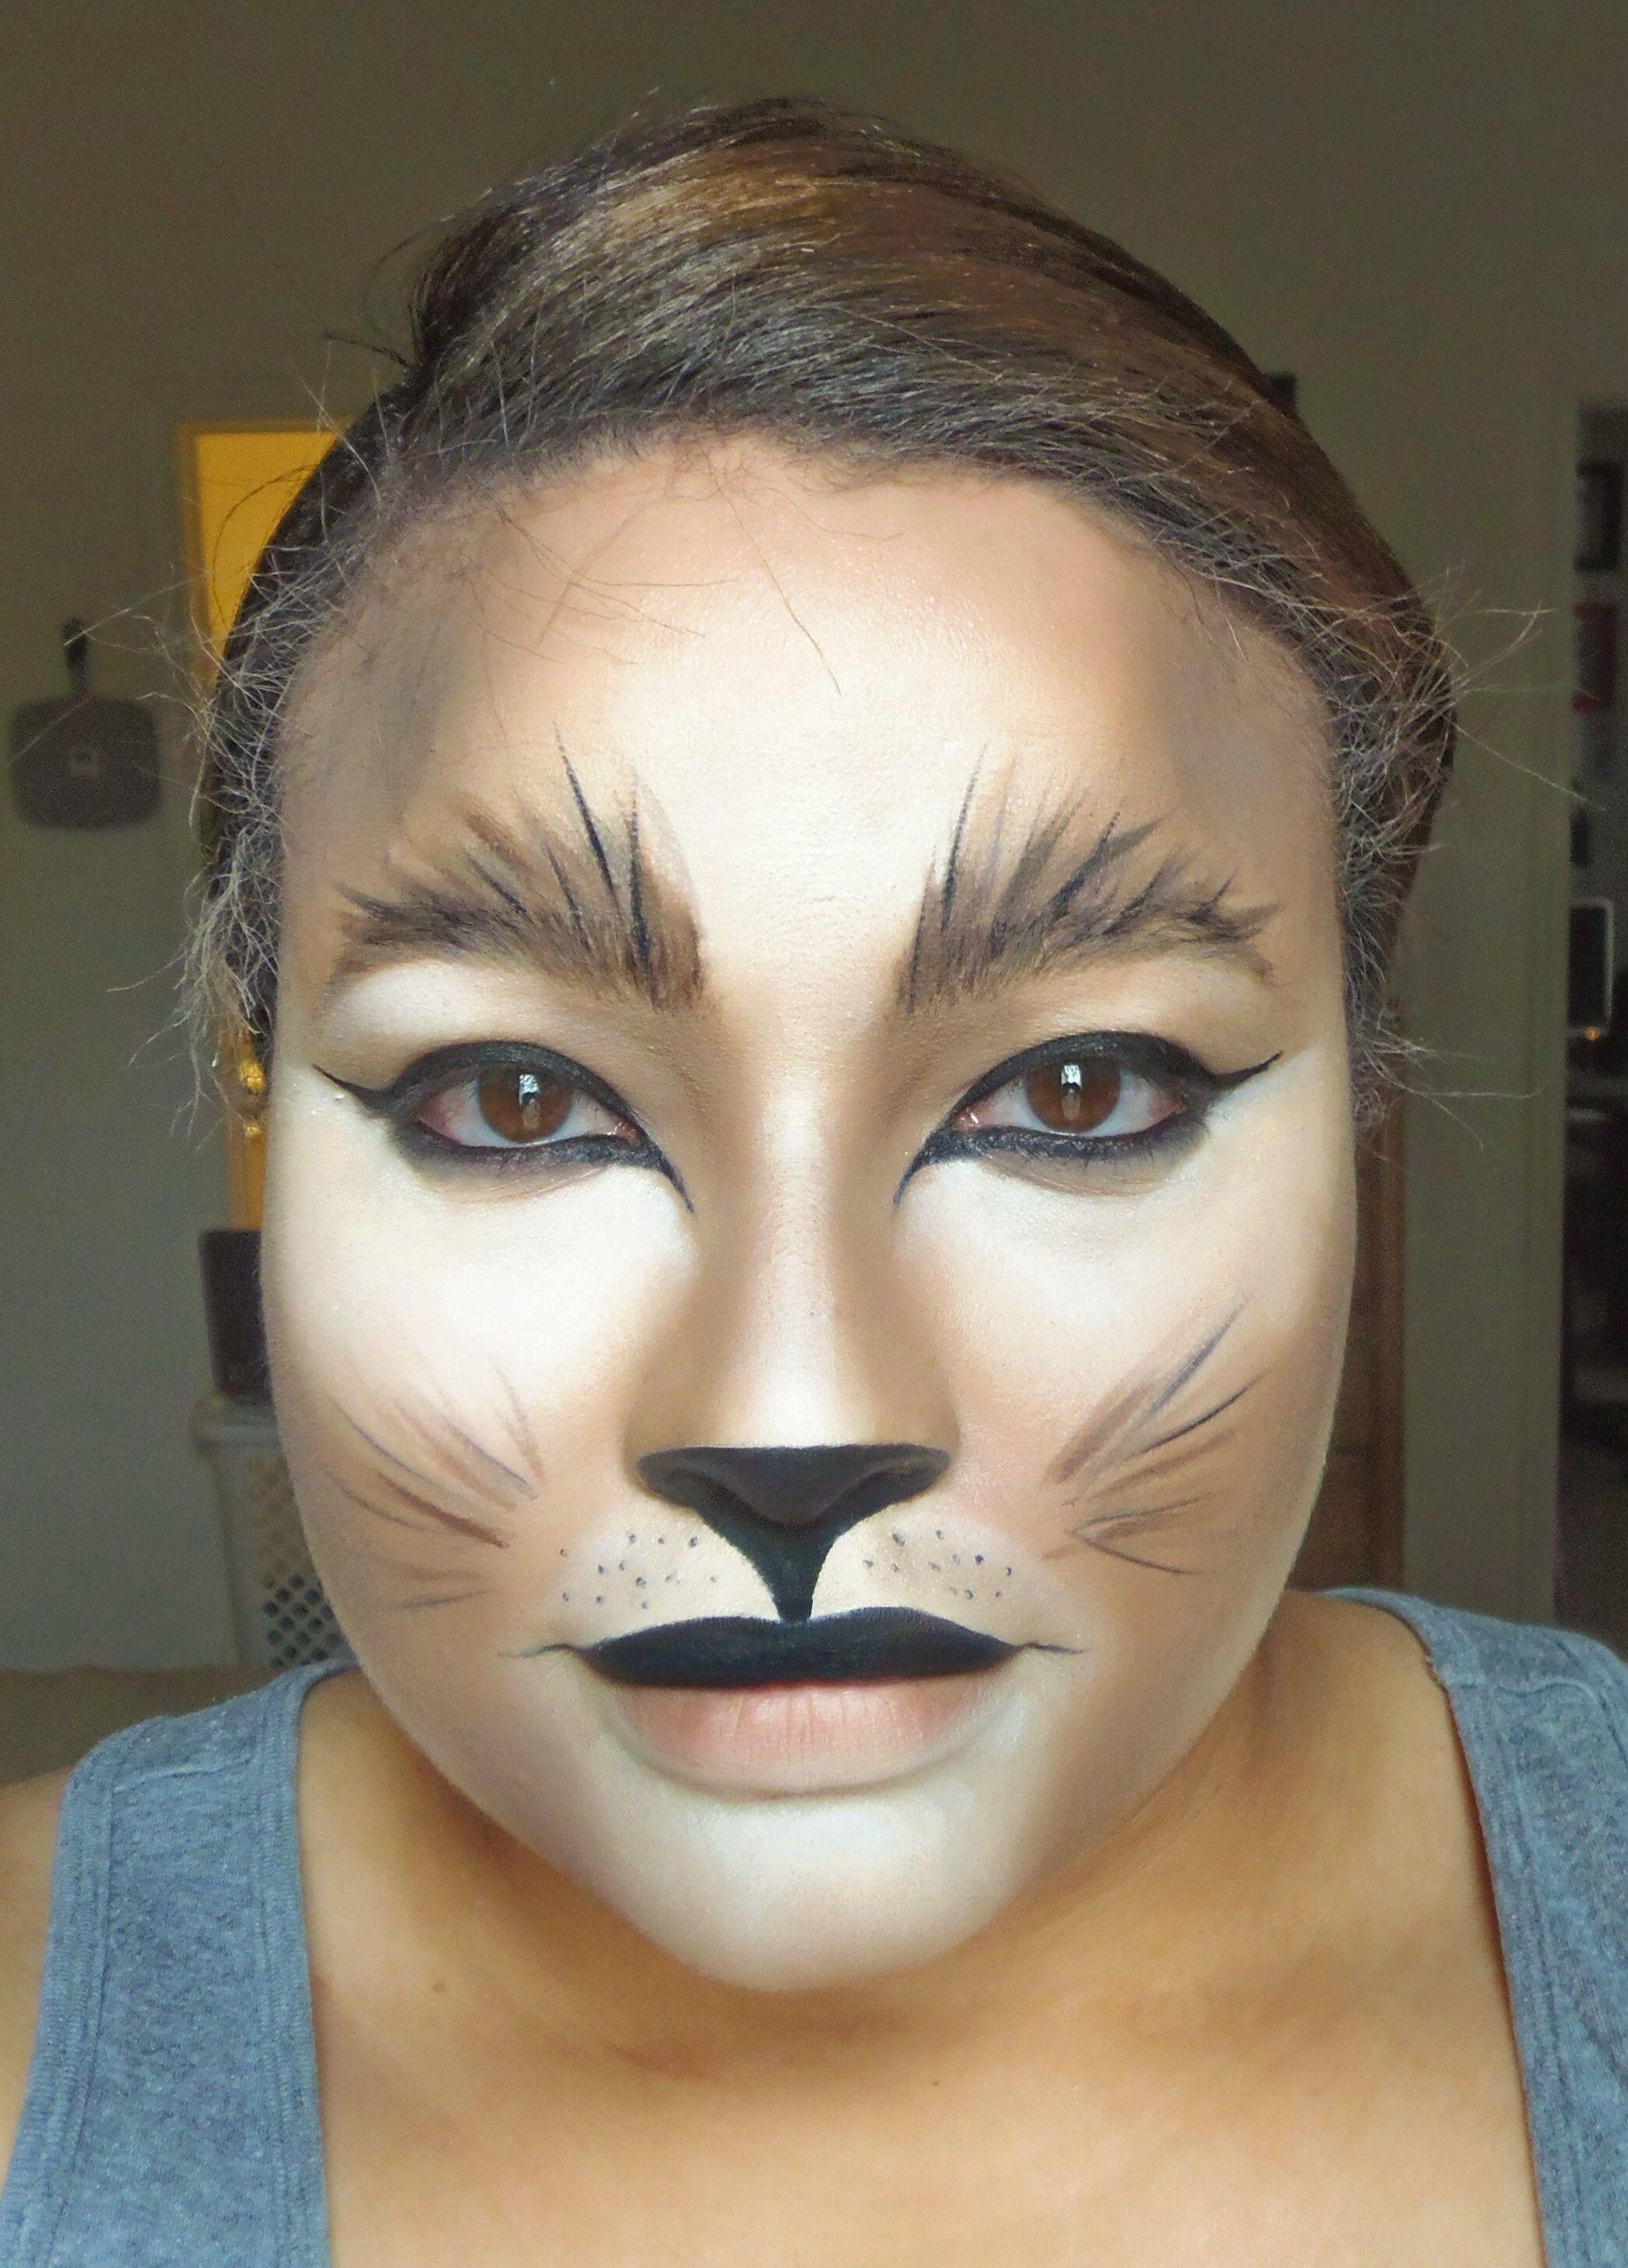 Cat face halloween makeup - Makeup - mad4modvintage.com